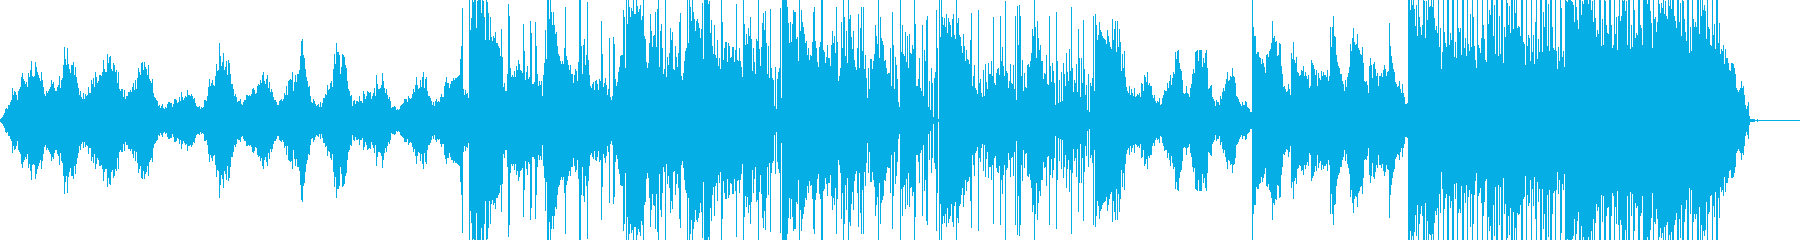 映像美に映えるELECTRONICAの再生済みの波形